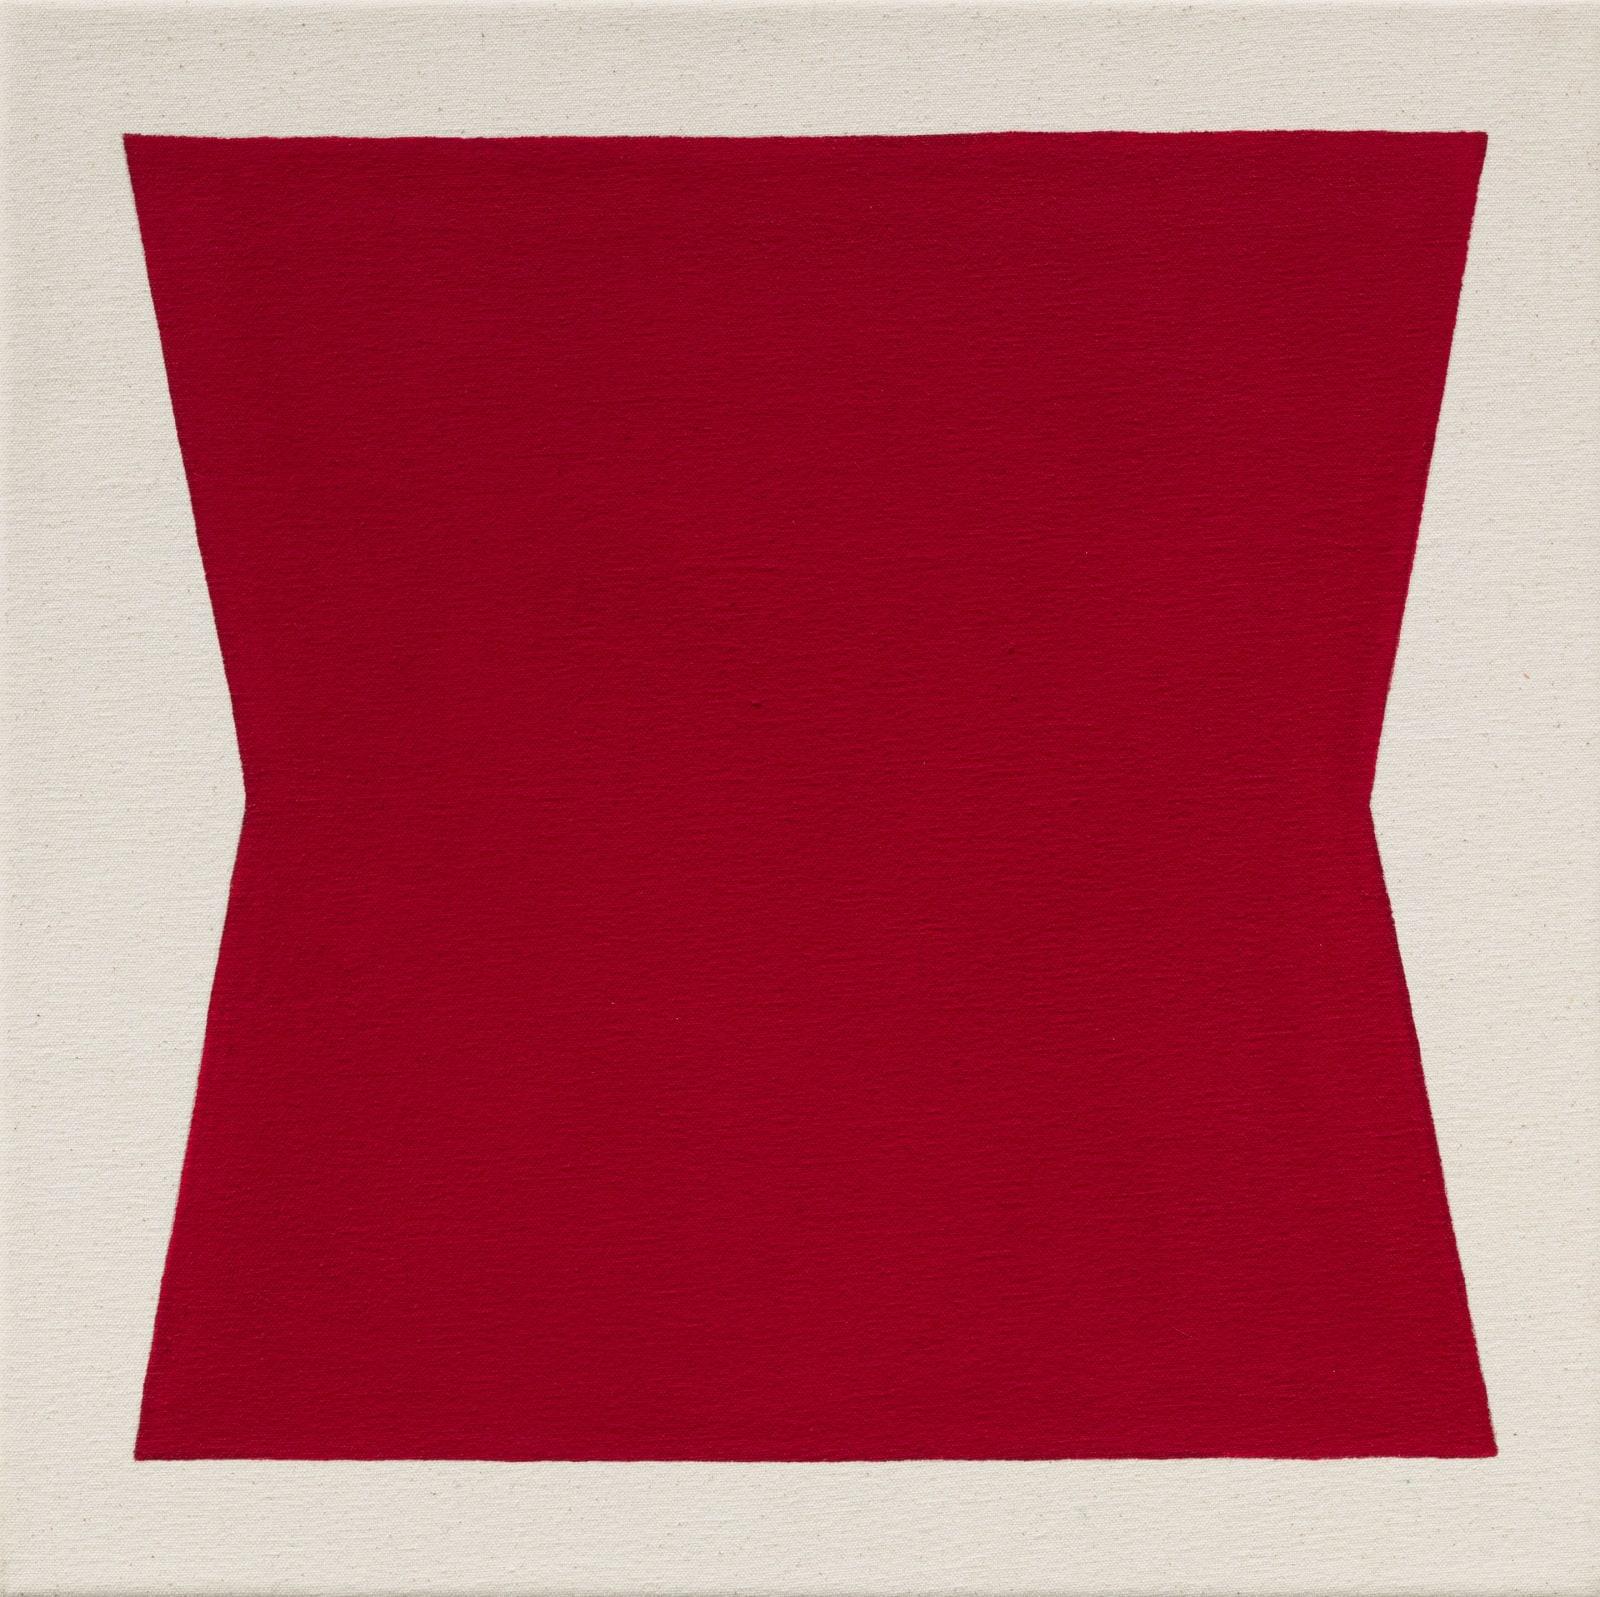 Julie Umerle, Hexagon (red), 2018